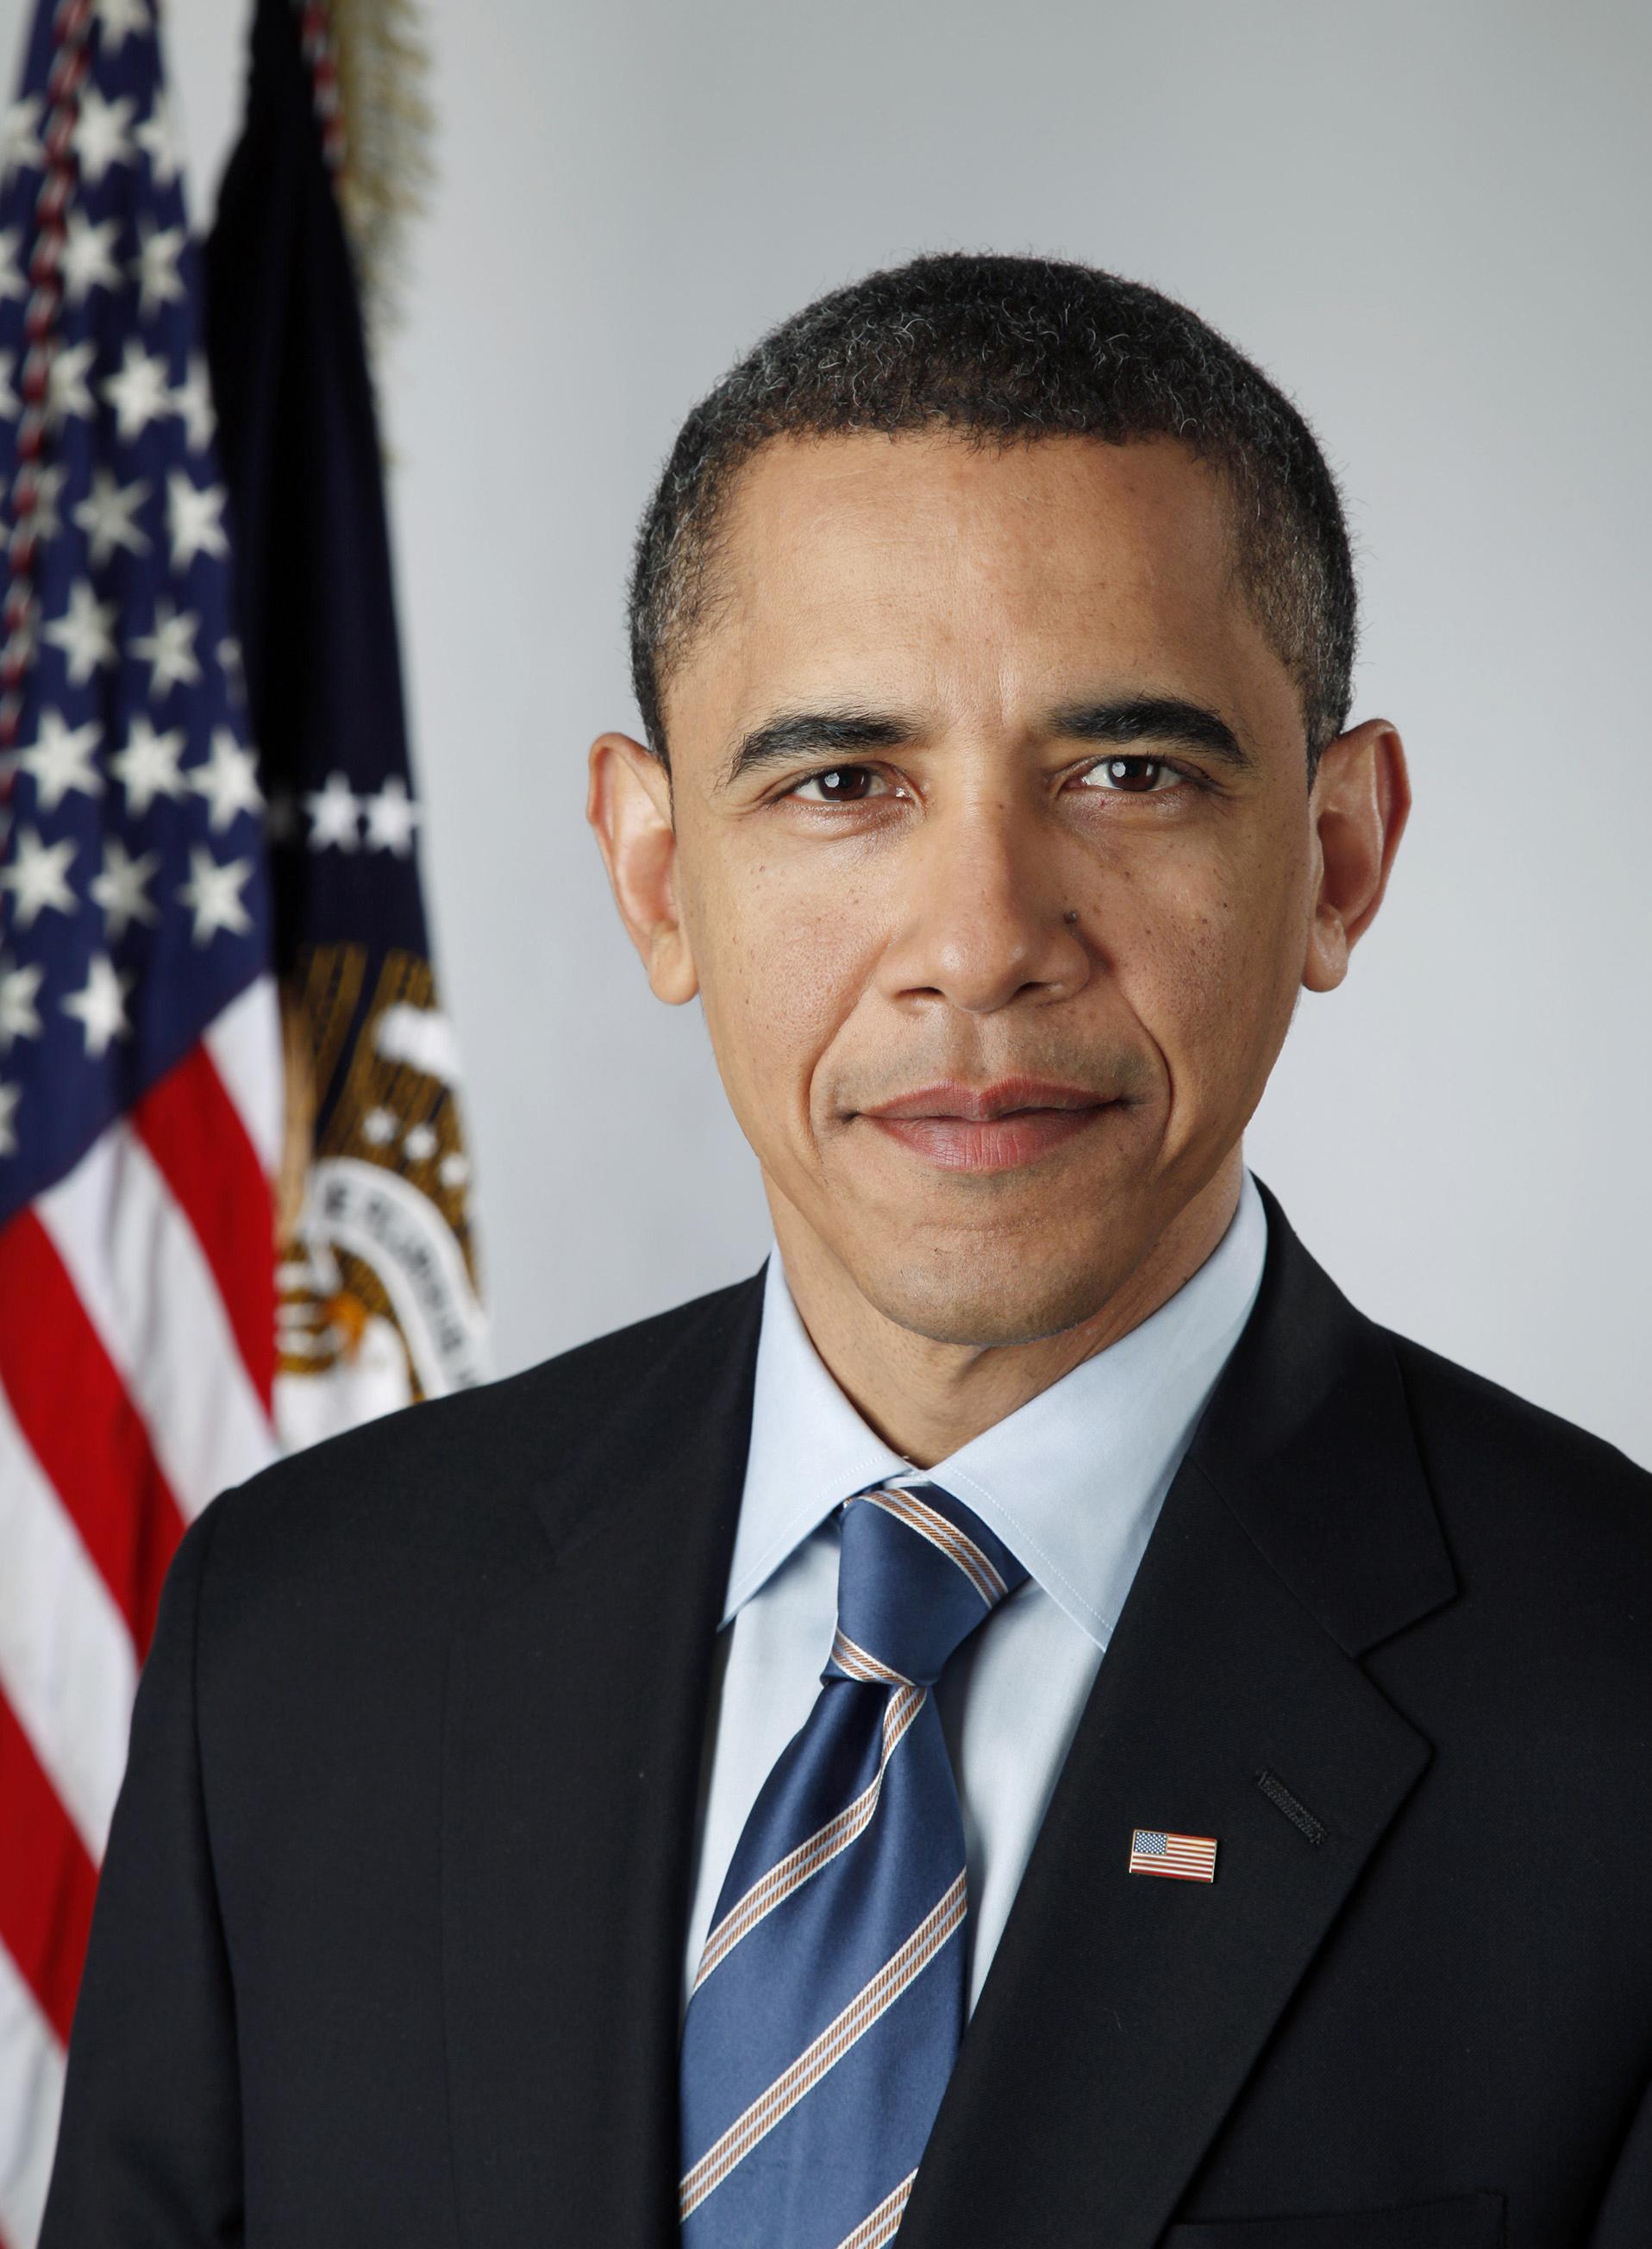 Obama 0.jpg